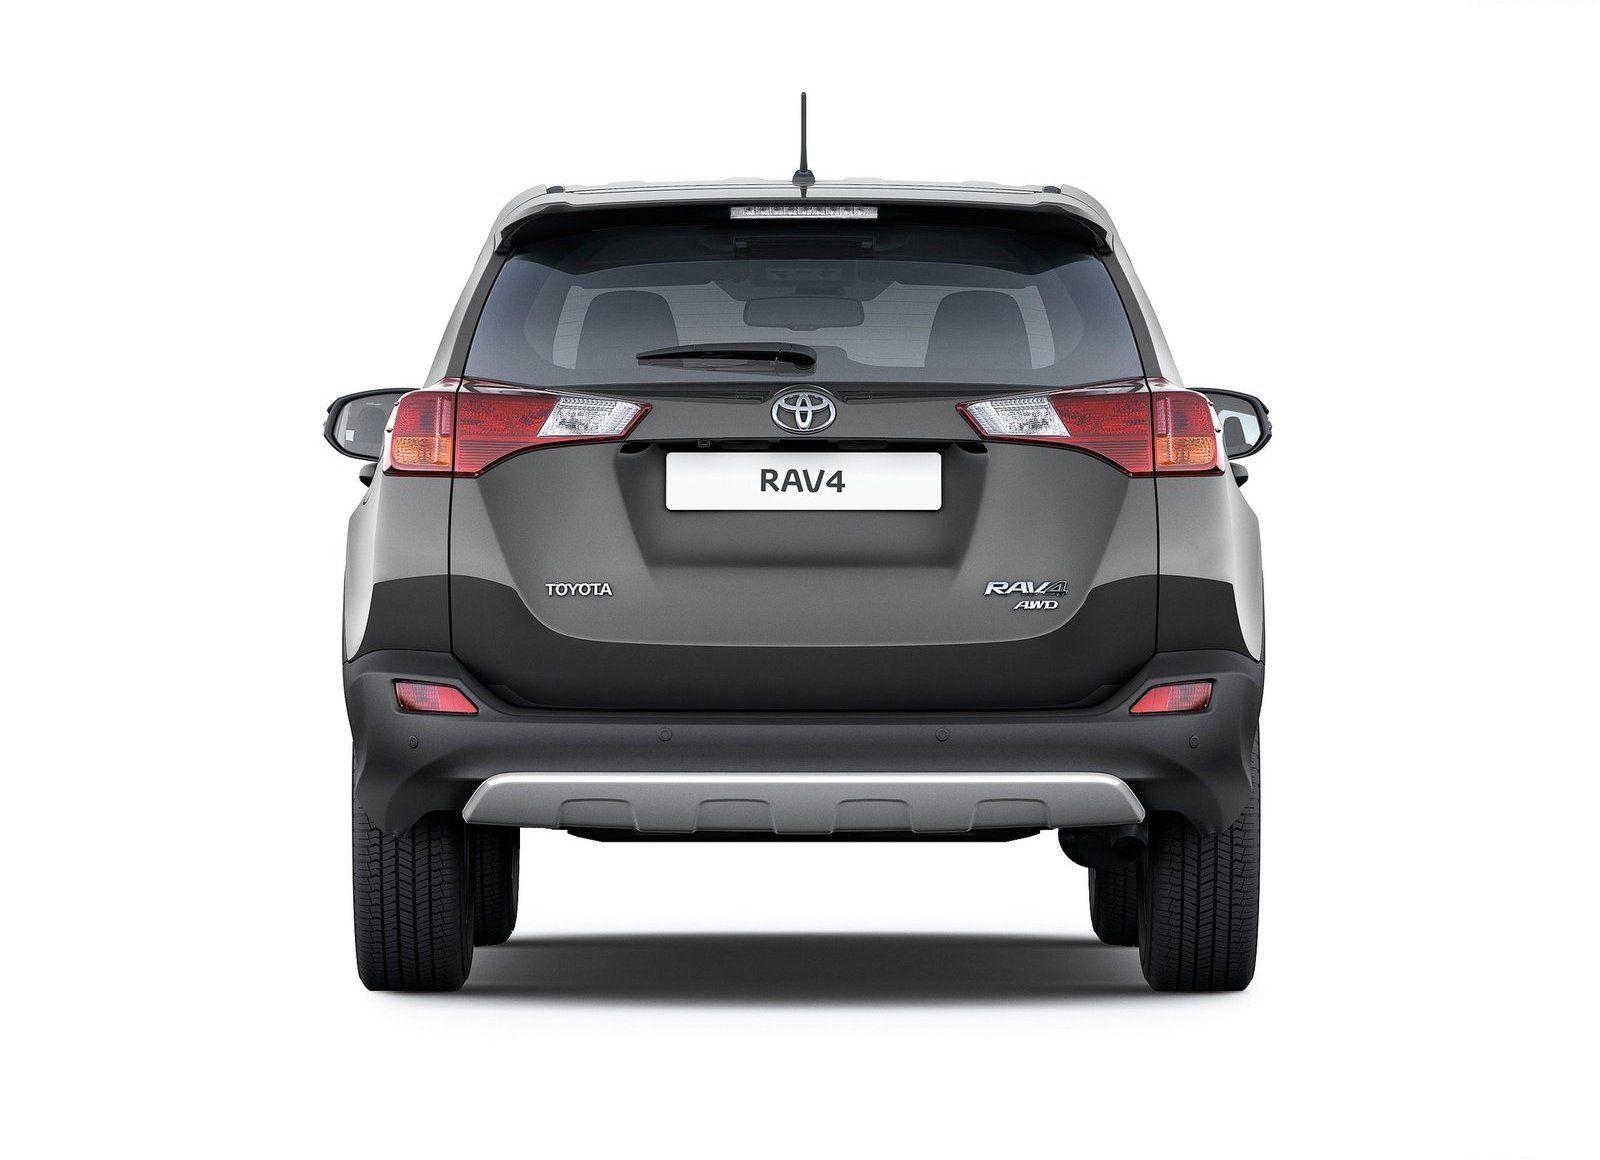 2014 Toyota Rav4 Rear Wallpaper New Car Reviews Wallpaper white toyota car rear view